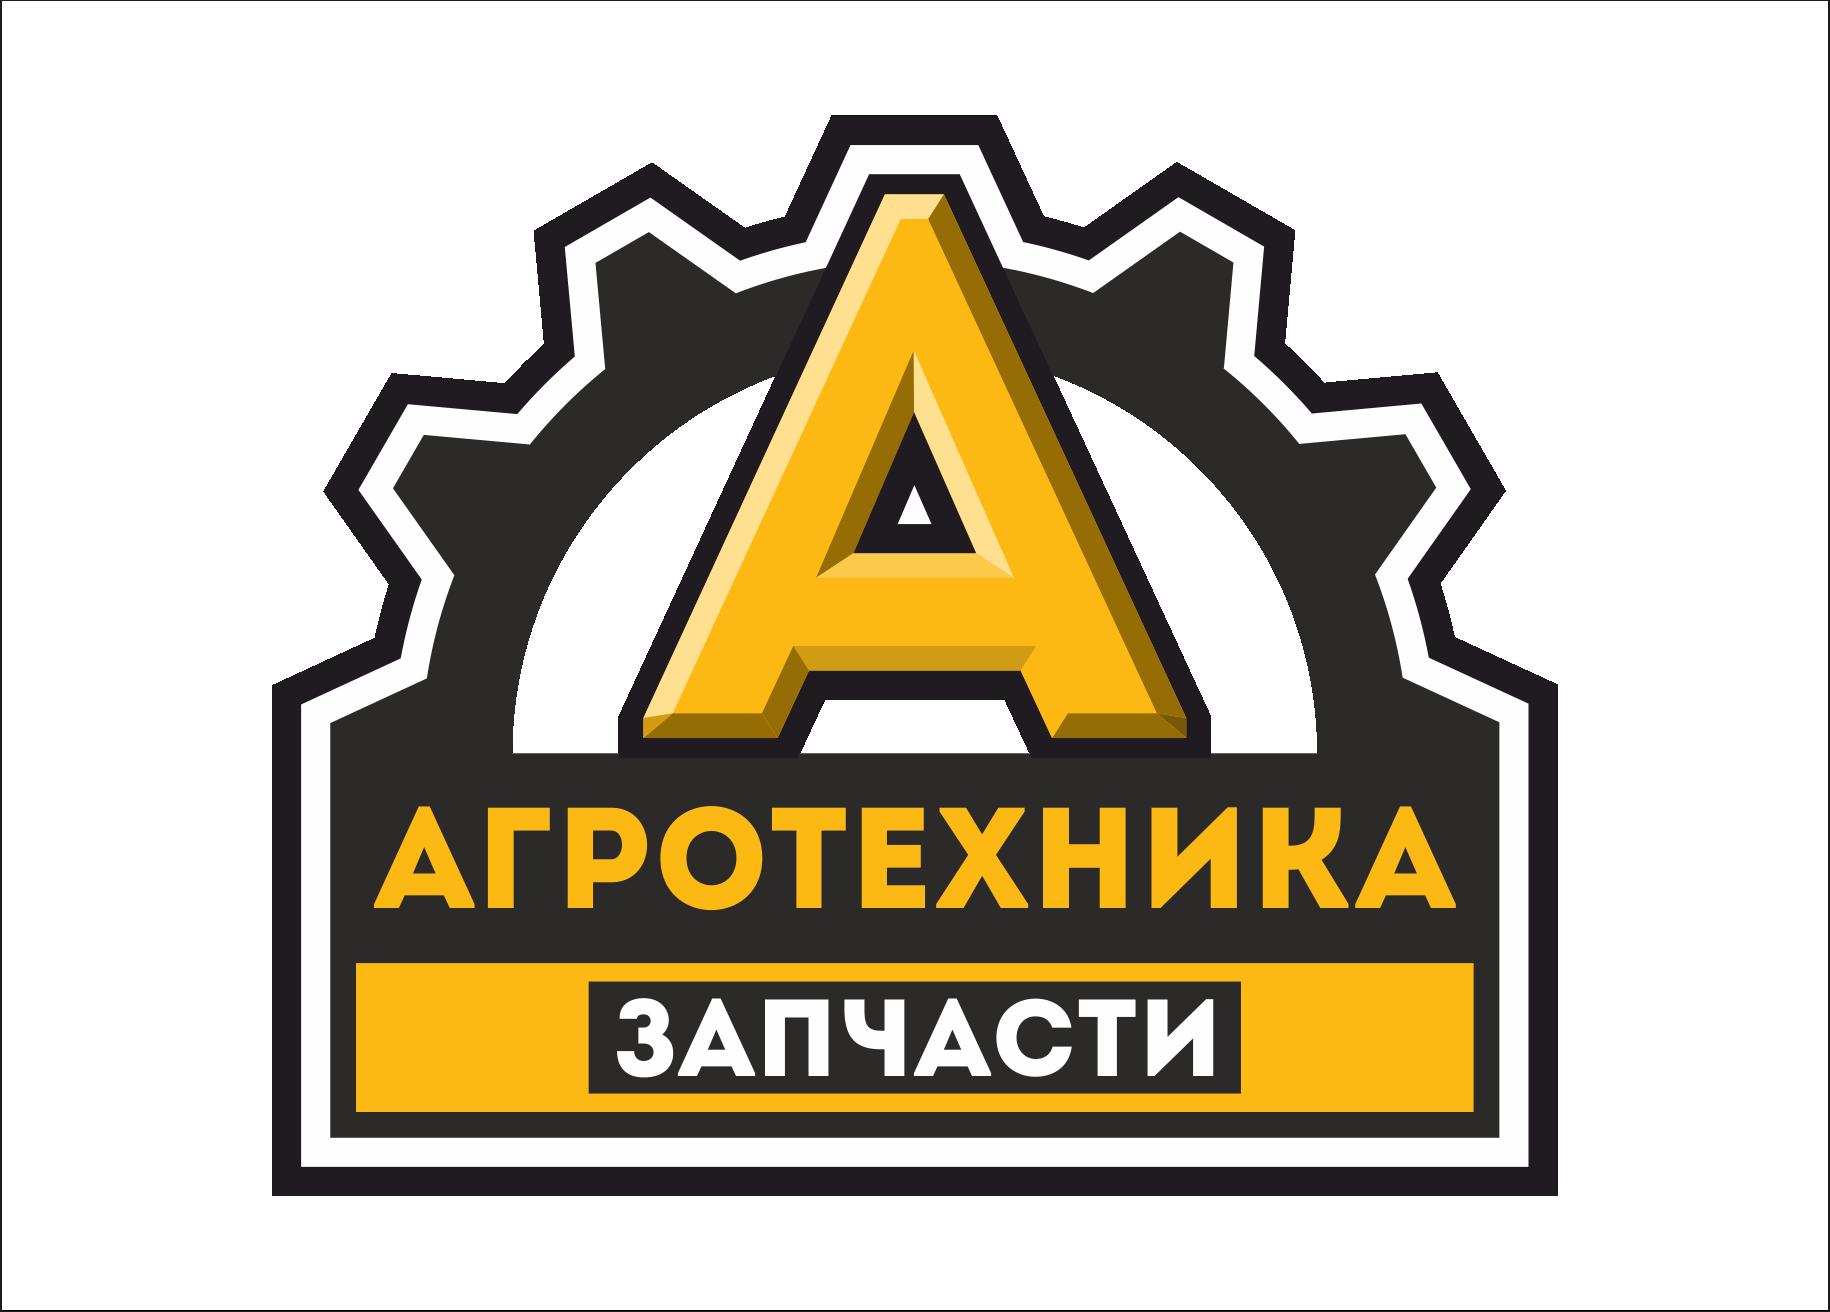 Разработка логотипа для компании Агротехника фото f_1715c0a3d60df037.png